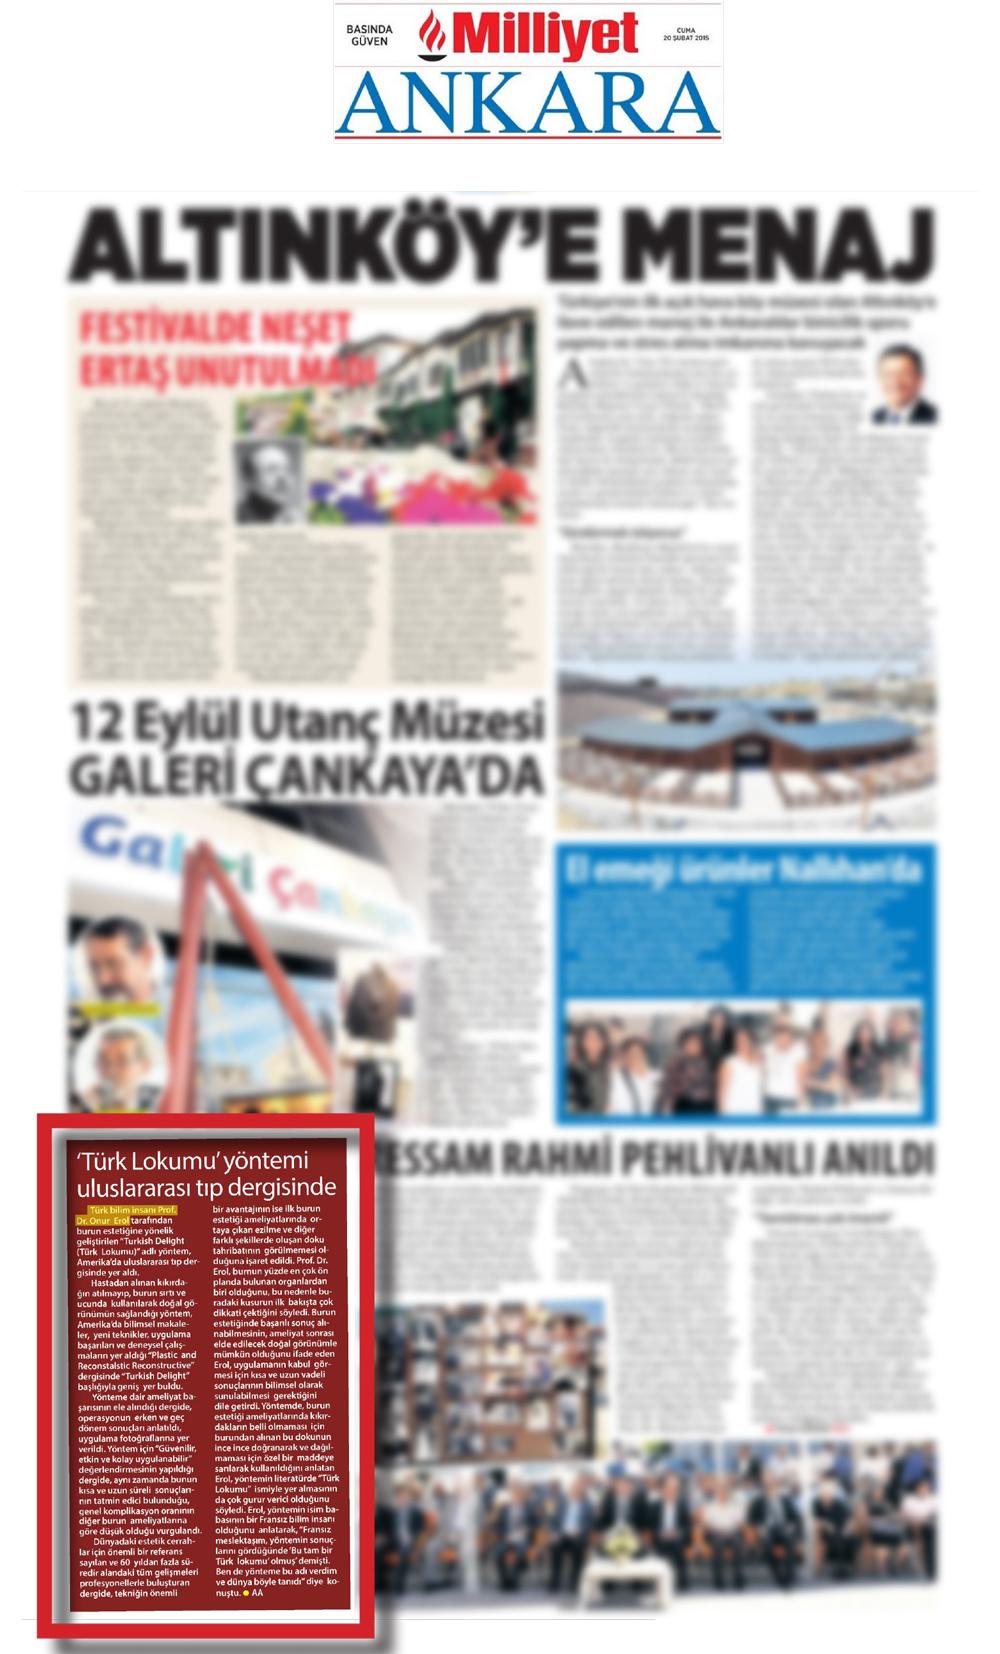 Türk Lokumu Yöntemi - Milliyet Ankara